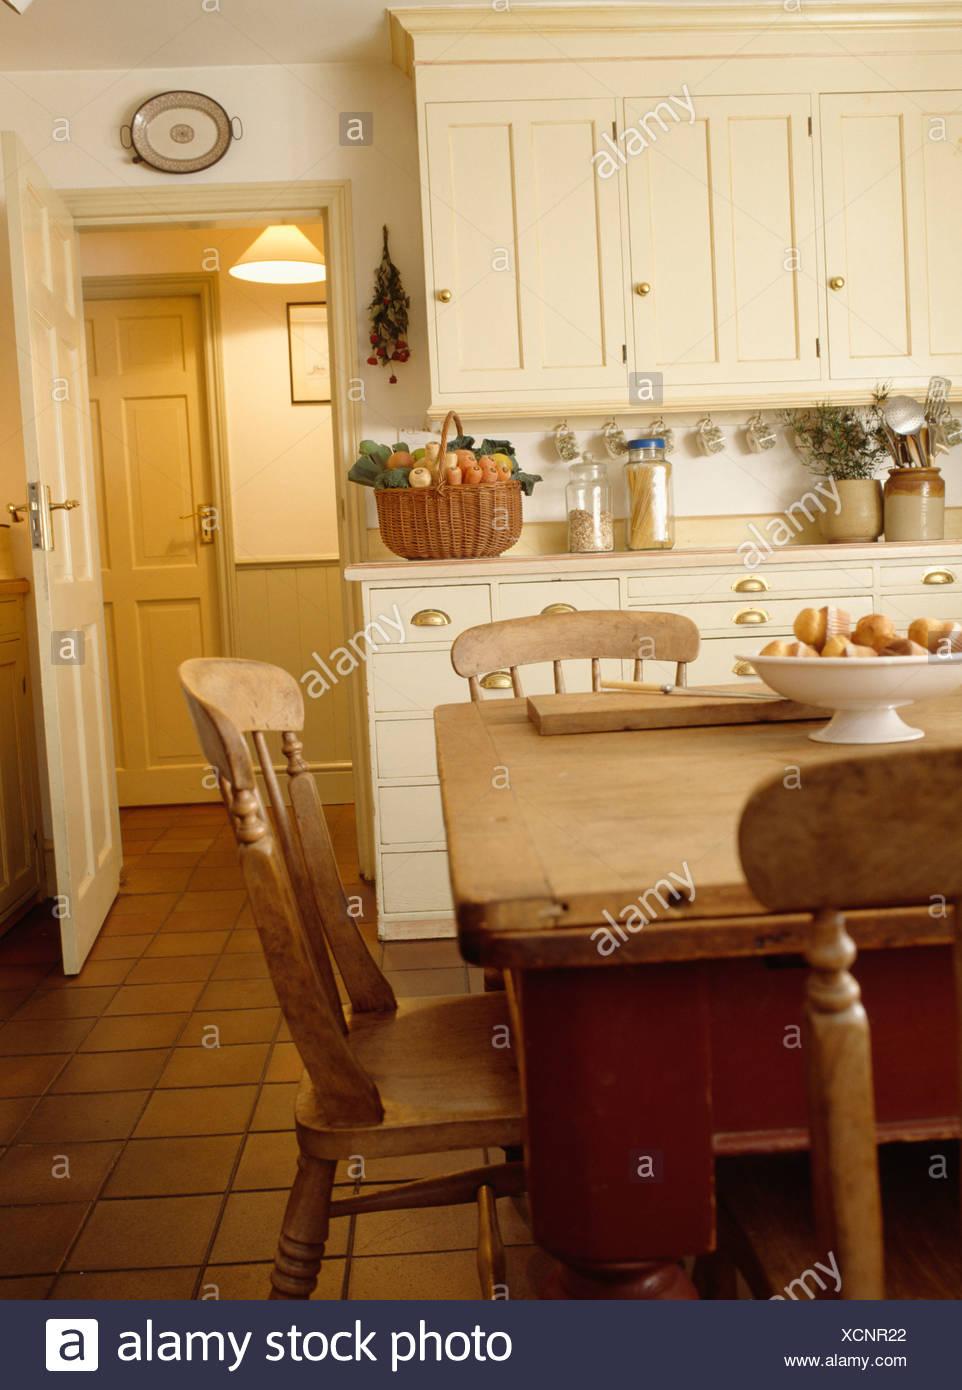 Erfreut Küche Wegklappen Tisch Und Stühle Ideen - Küchenschrank ...